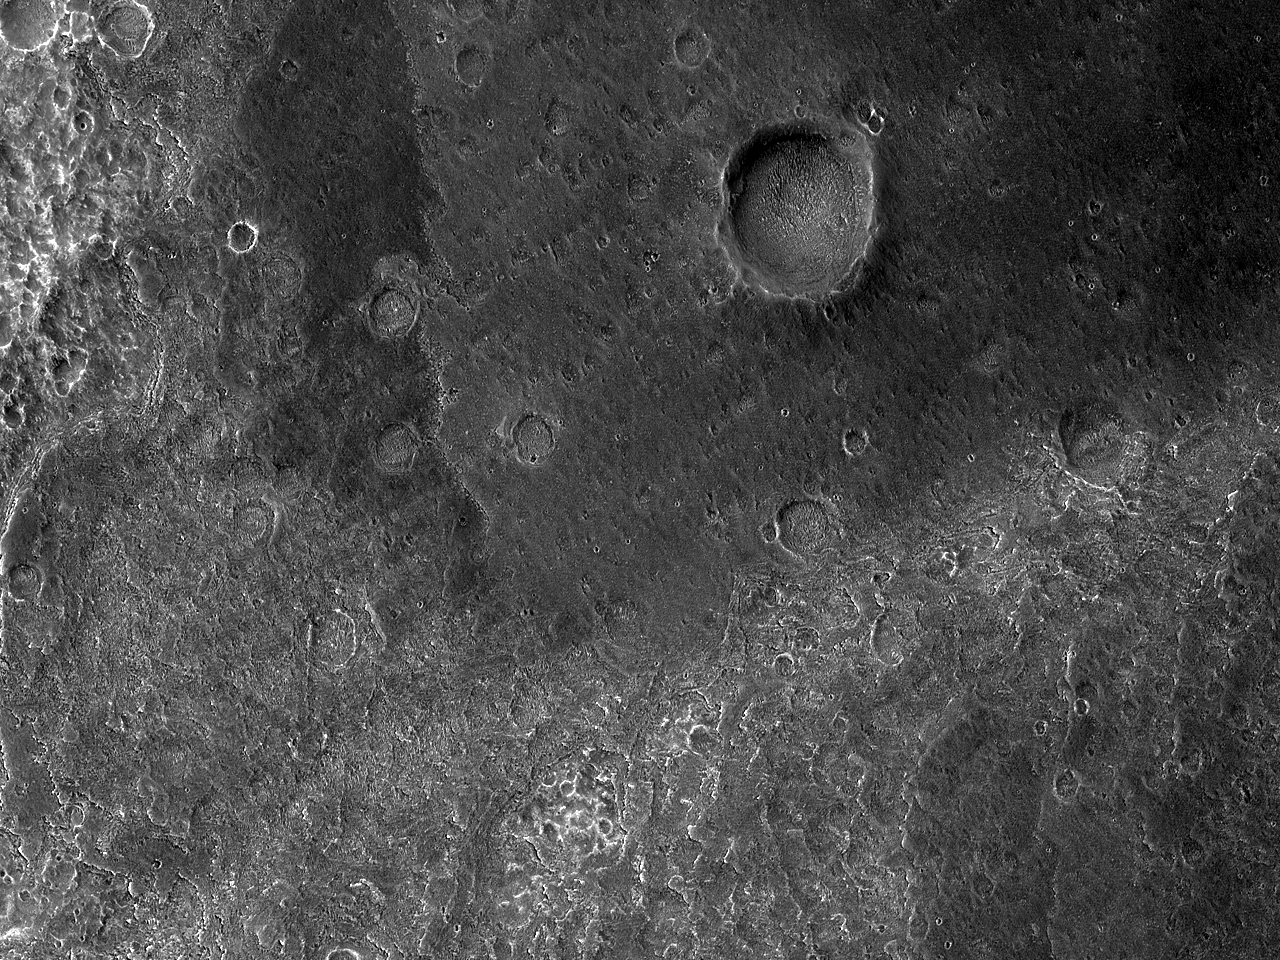 Vestre flanke av terreng i Hydrae Chasma